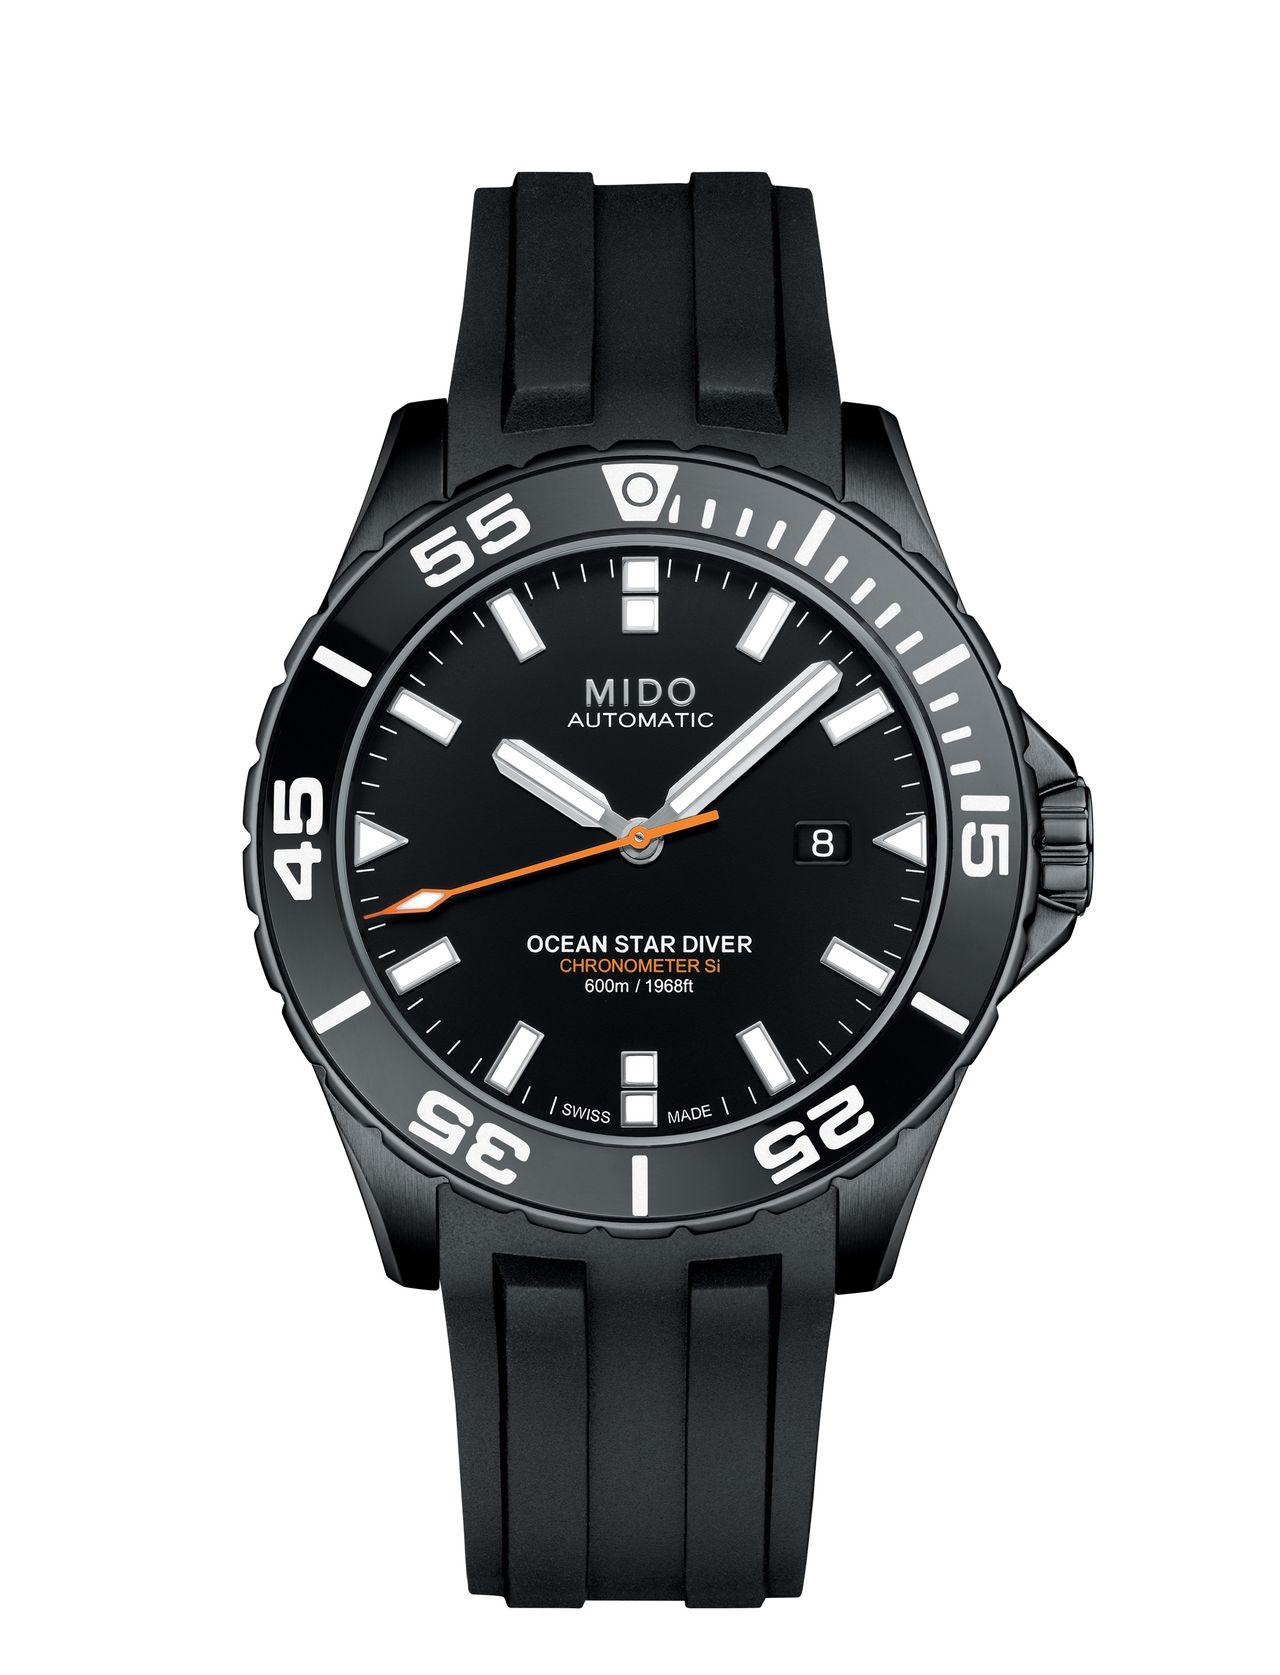 Mido Ocean Star Diver 600 - fekete mellett kék számlapos változat fémcsattal is készül